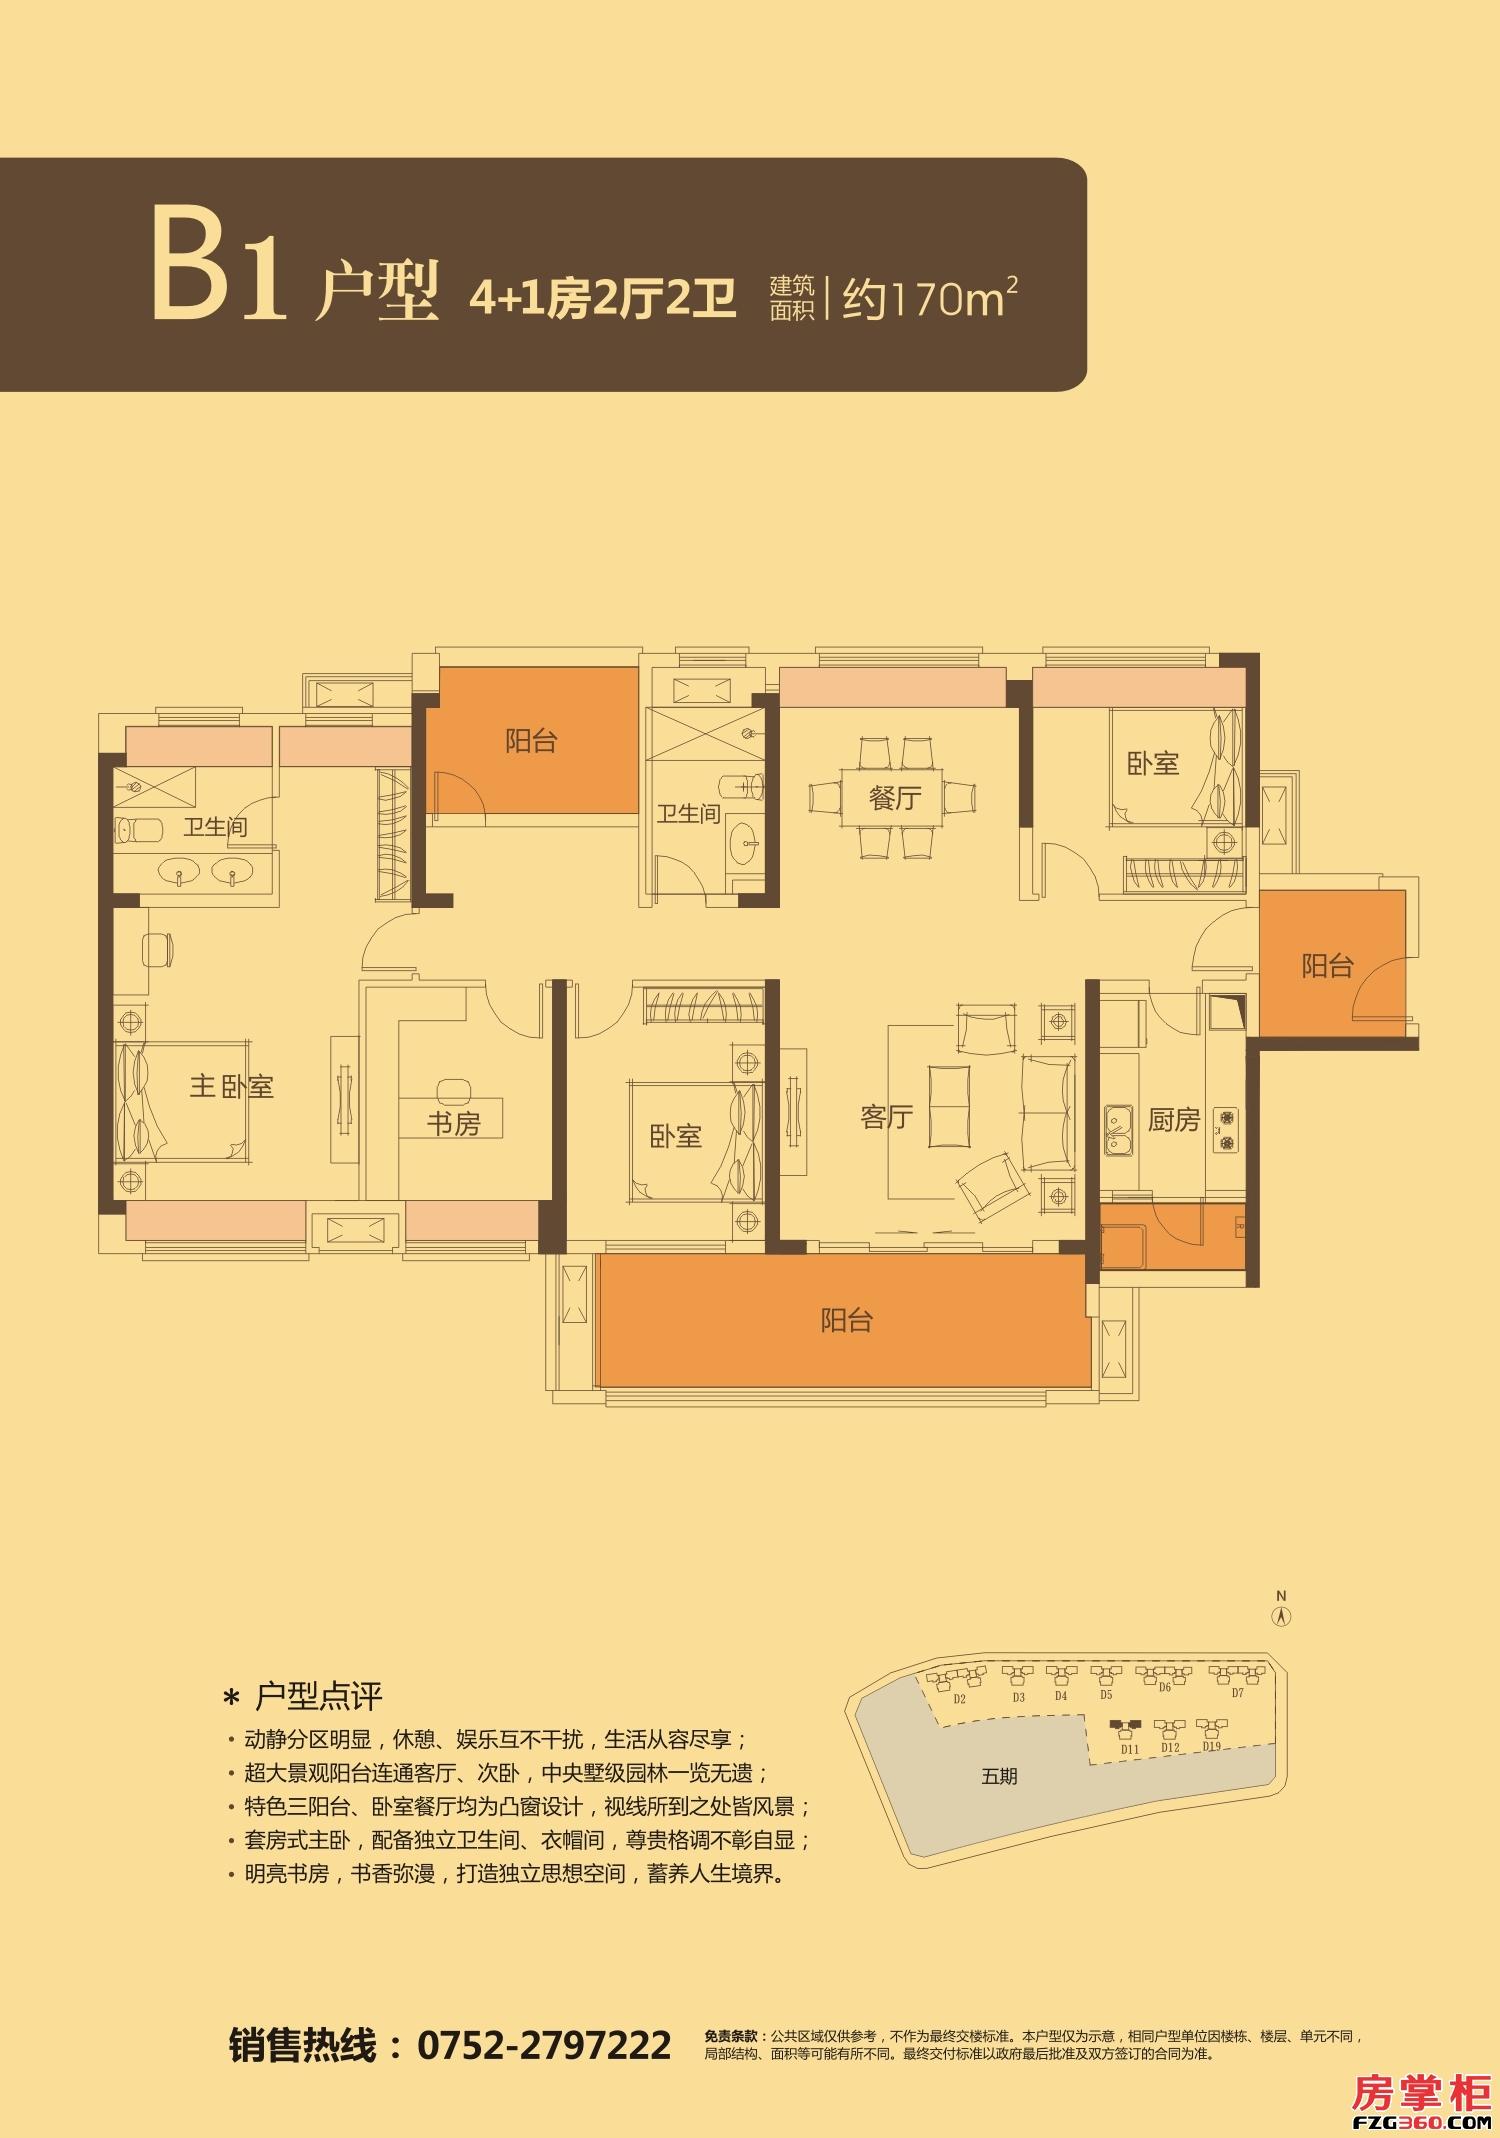 中海凯旋城B1户型